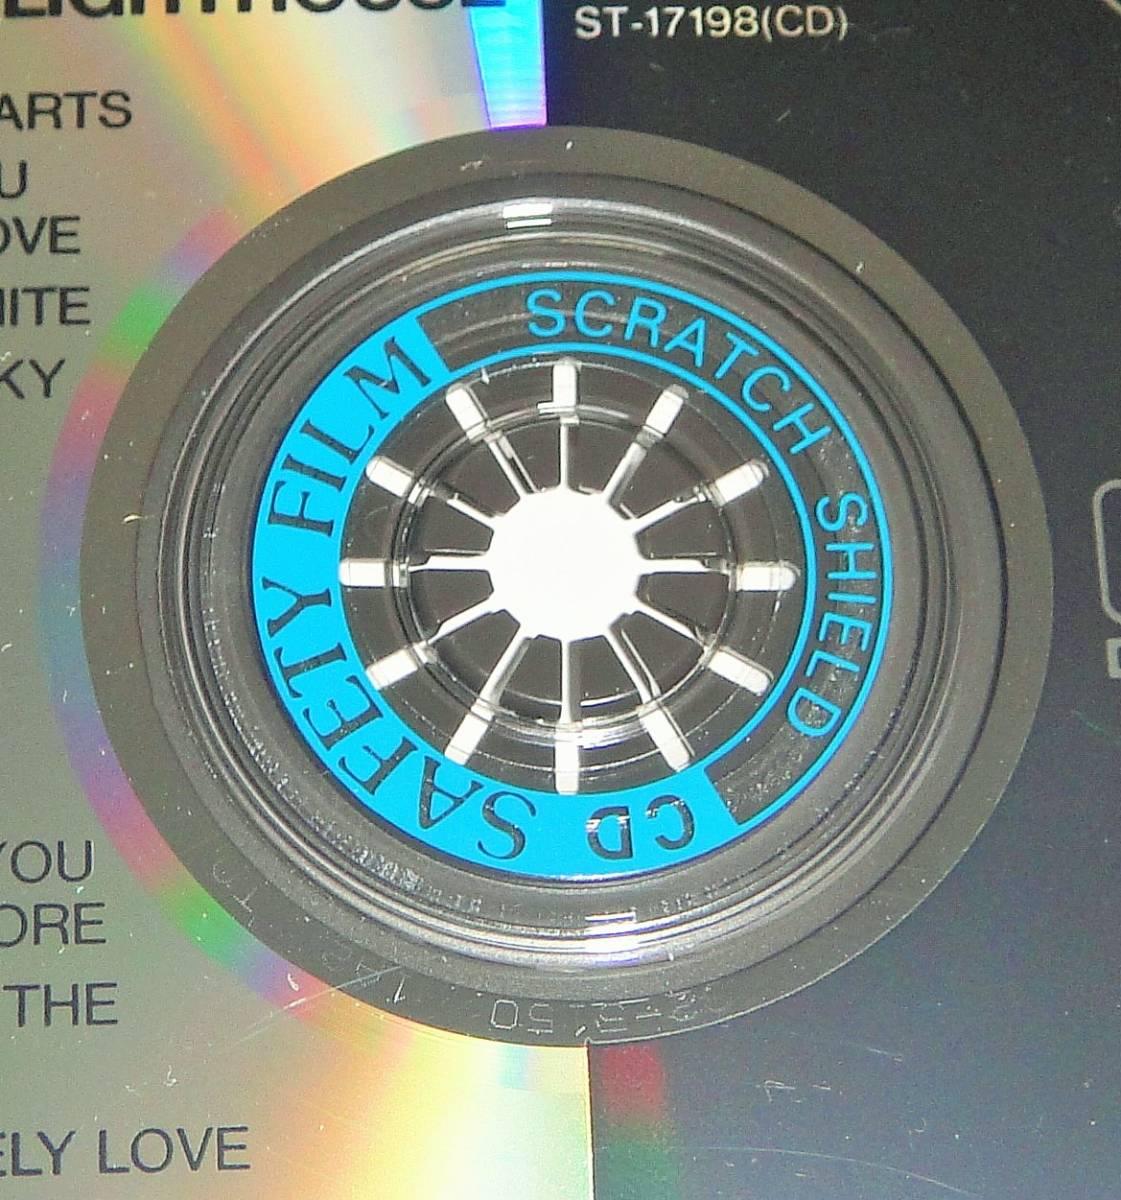 帯付き廃盤CD☆キム・カーンズ/ライトハウス(CP32-5150) KIM CARNES/LIGHT HOUSE_画像4